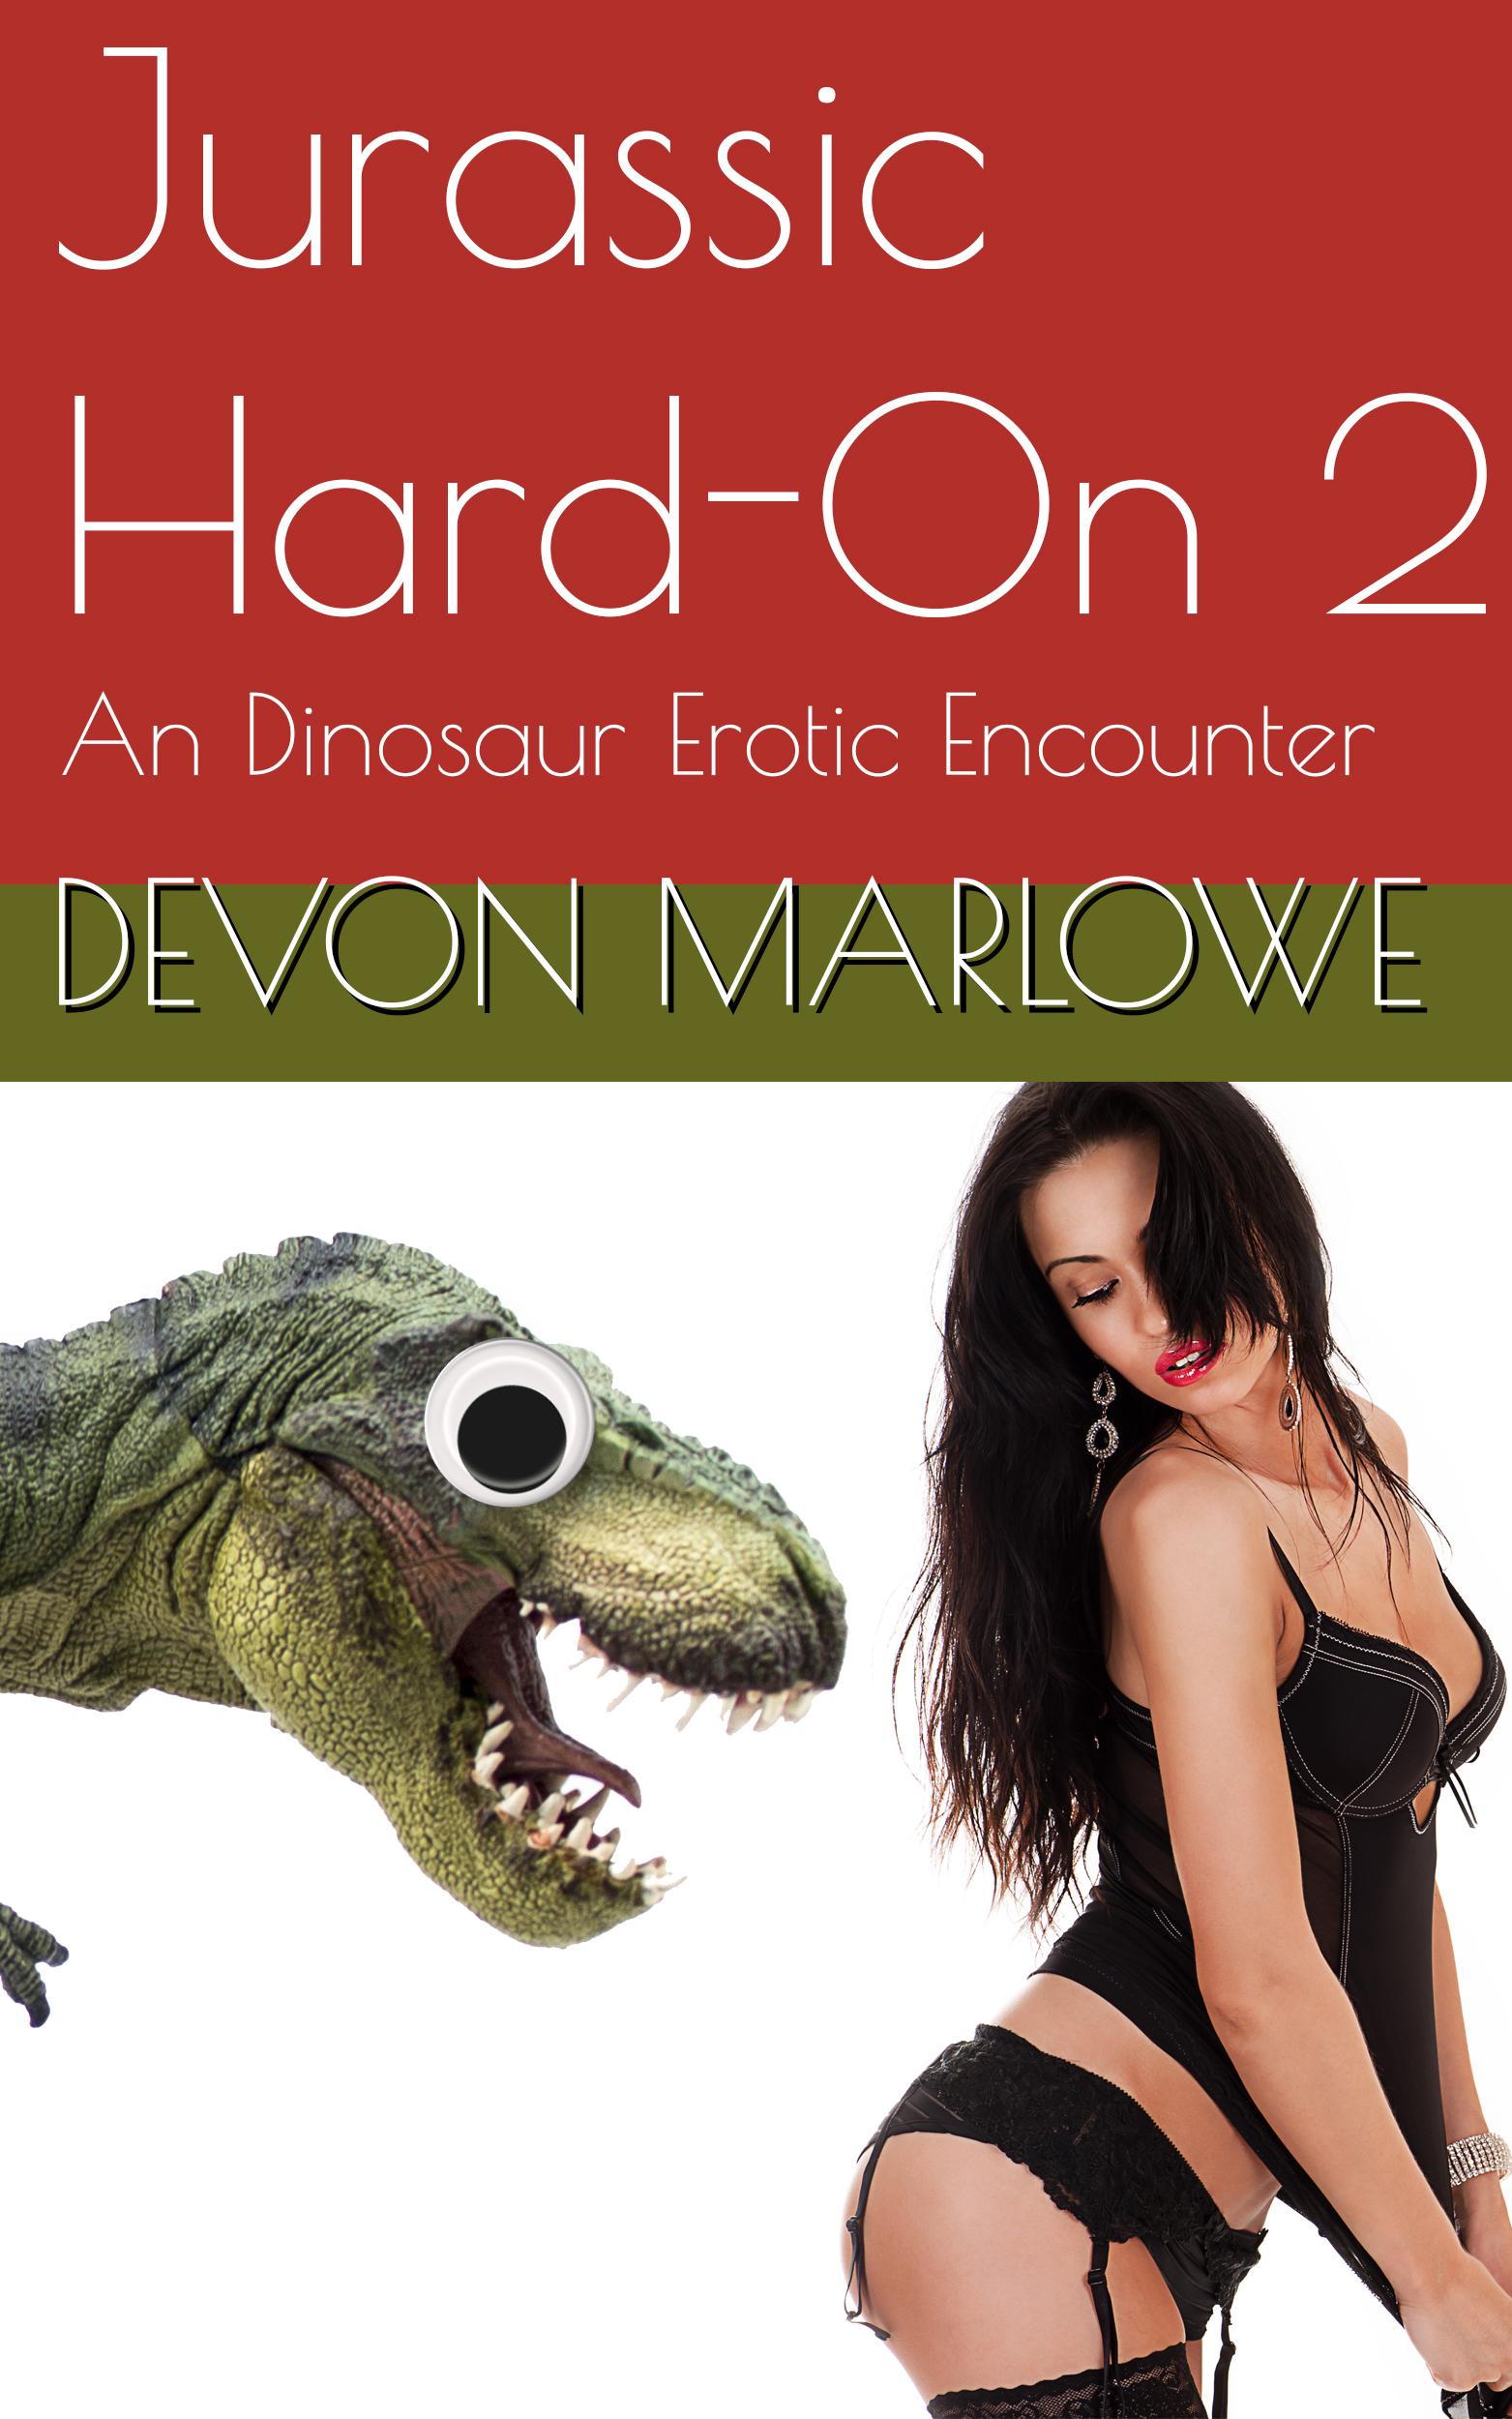 Dinosaur erotica hentai images